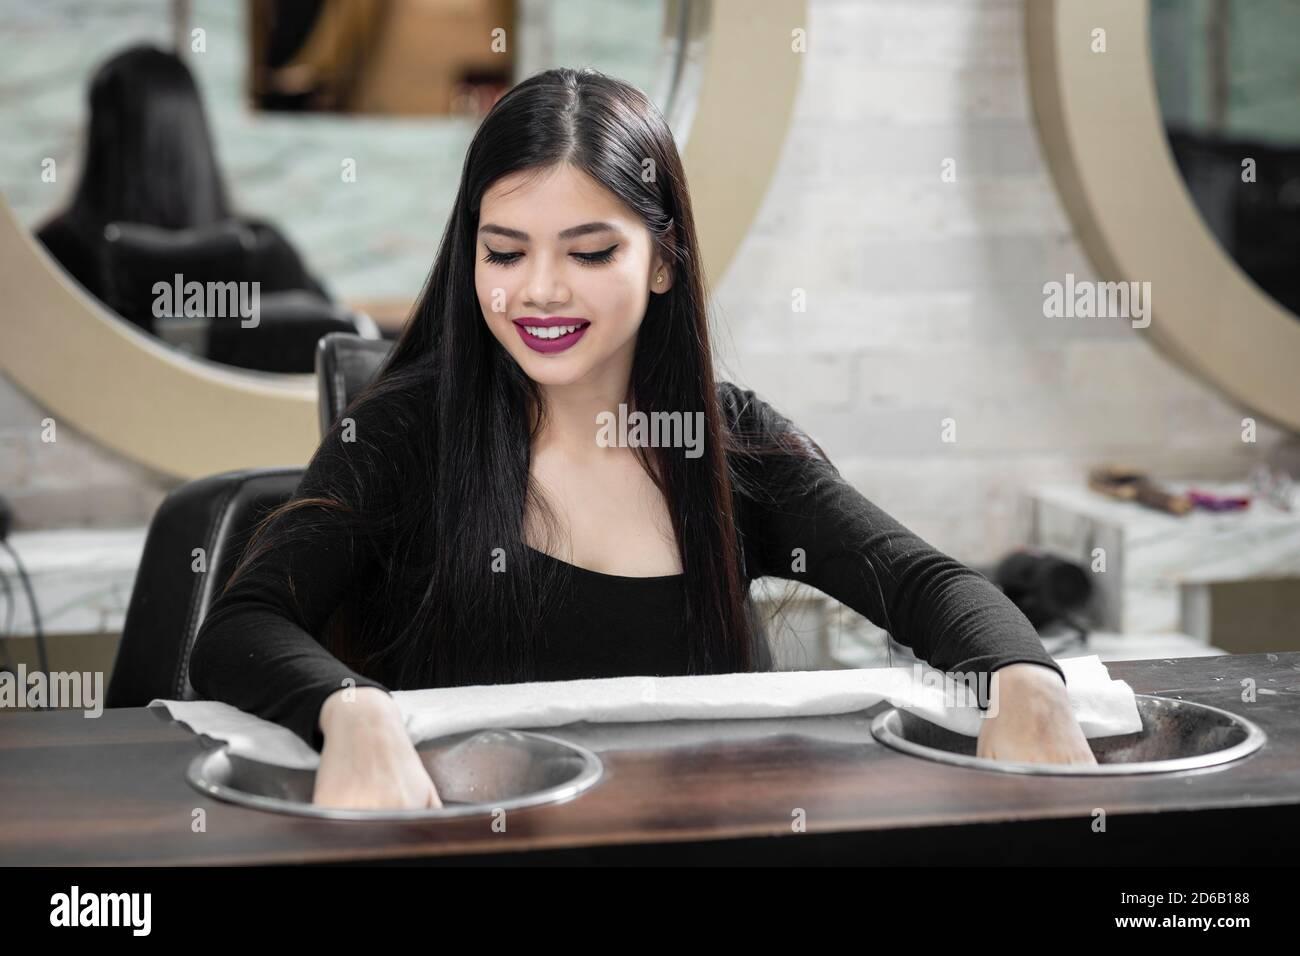 Niña India bastante joven sentada en un salón de manicura, concepto de salón de belleza, concepto de belleza y cuidado de la salud. Foto de stock